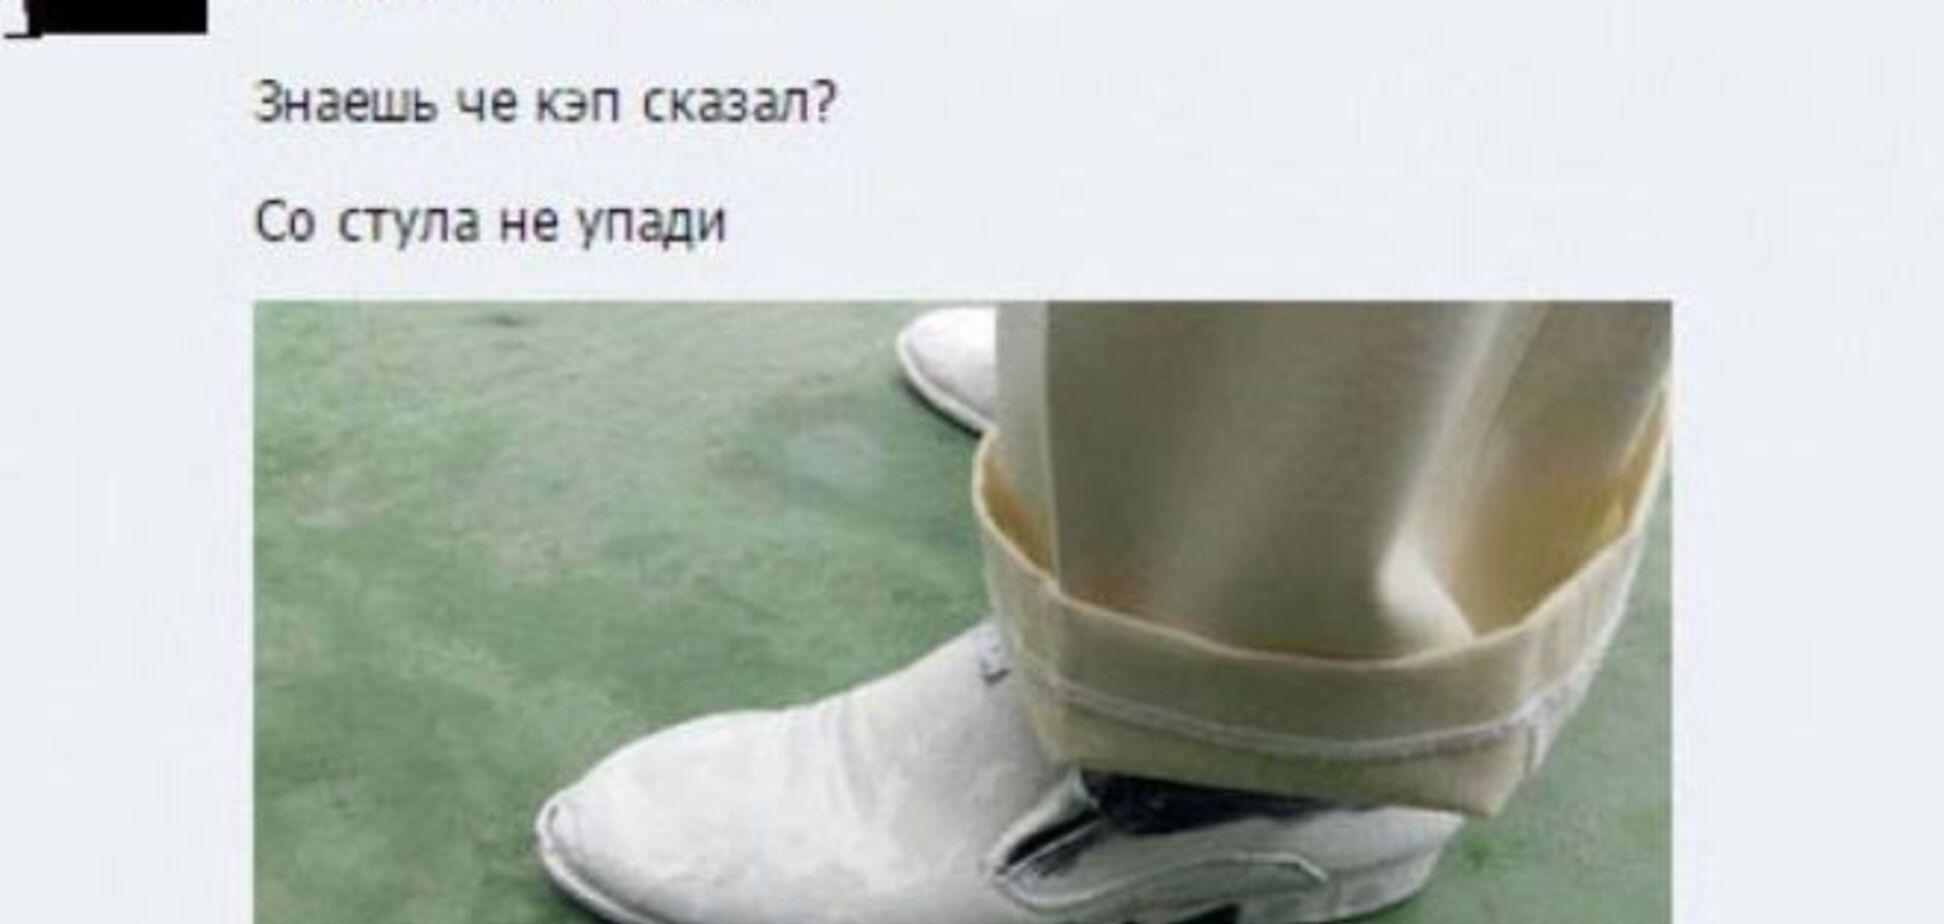 'Блеск и нищета!'. В сети высмеяли 'белые' туфли российских моряков